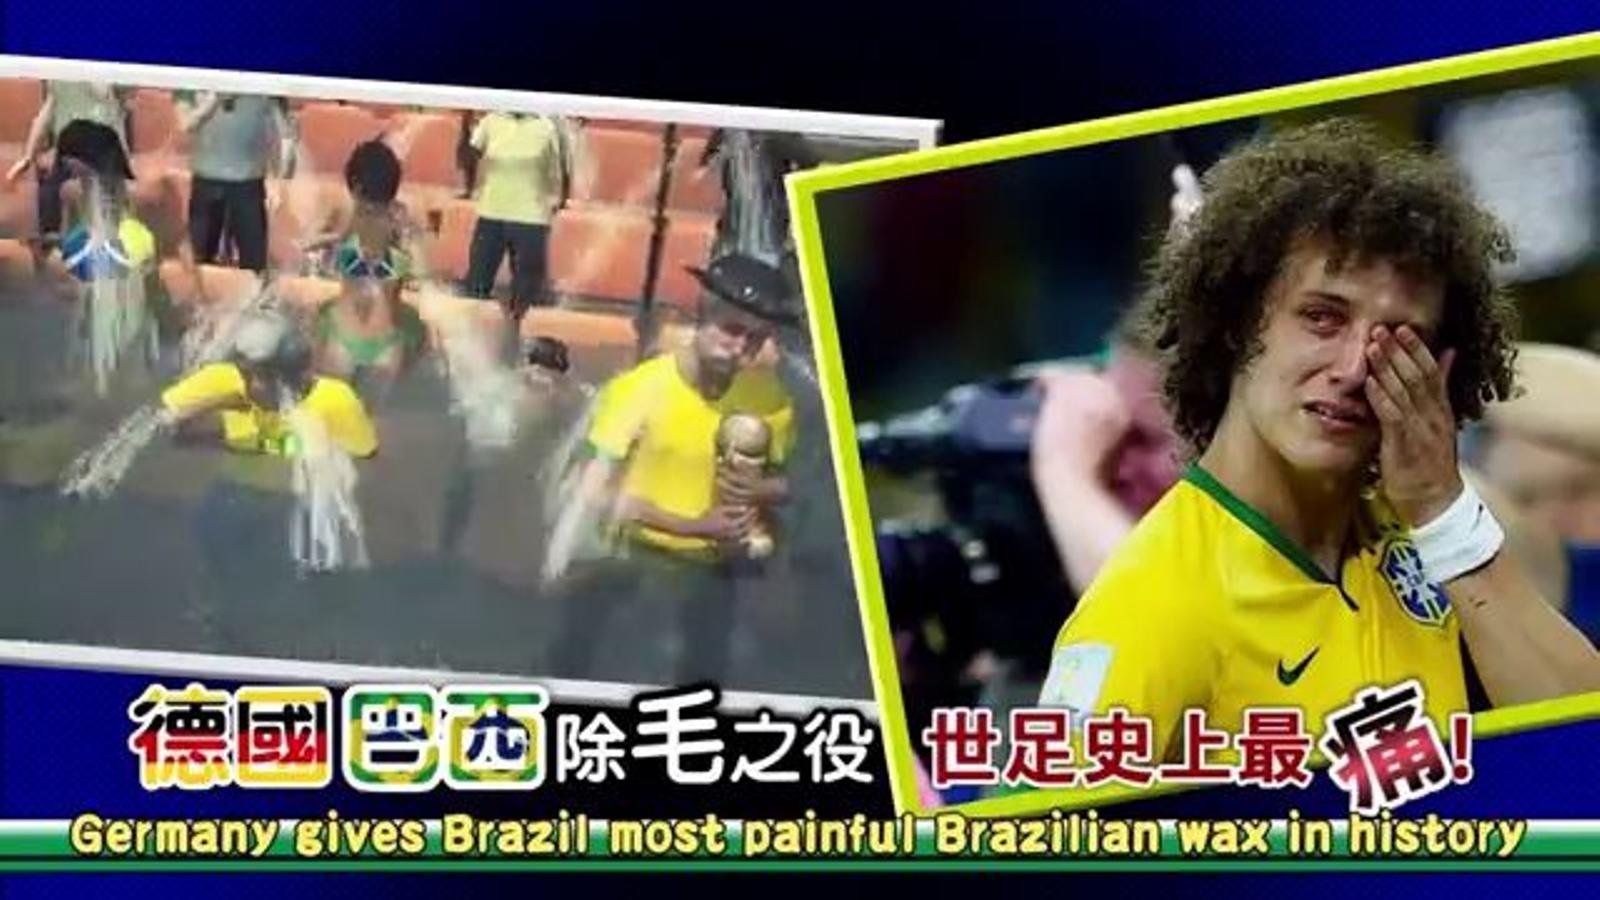 La derrota del Brasil contra Alemanya, explicada de forma satírica a la televisió de Hong Kong